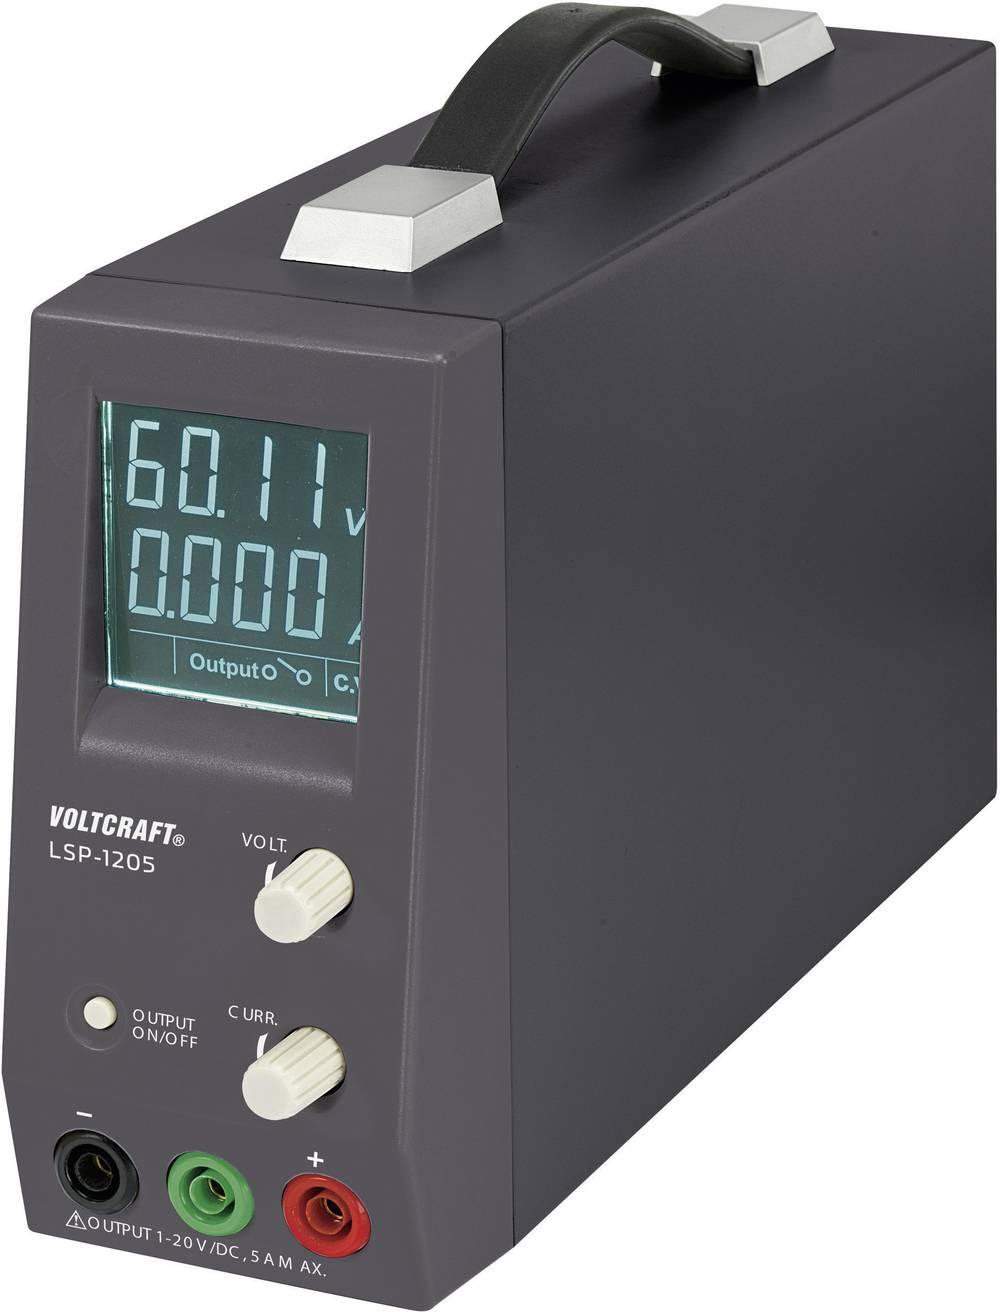 Laboratorijski napajalnik, nastavljiv VOLTCRAFT LSP-1205 1 - 20 V/DC 0.15 - 5 A 100 W število izhodov: 1 x kalibriran po ISO